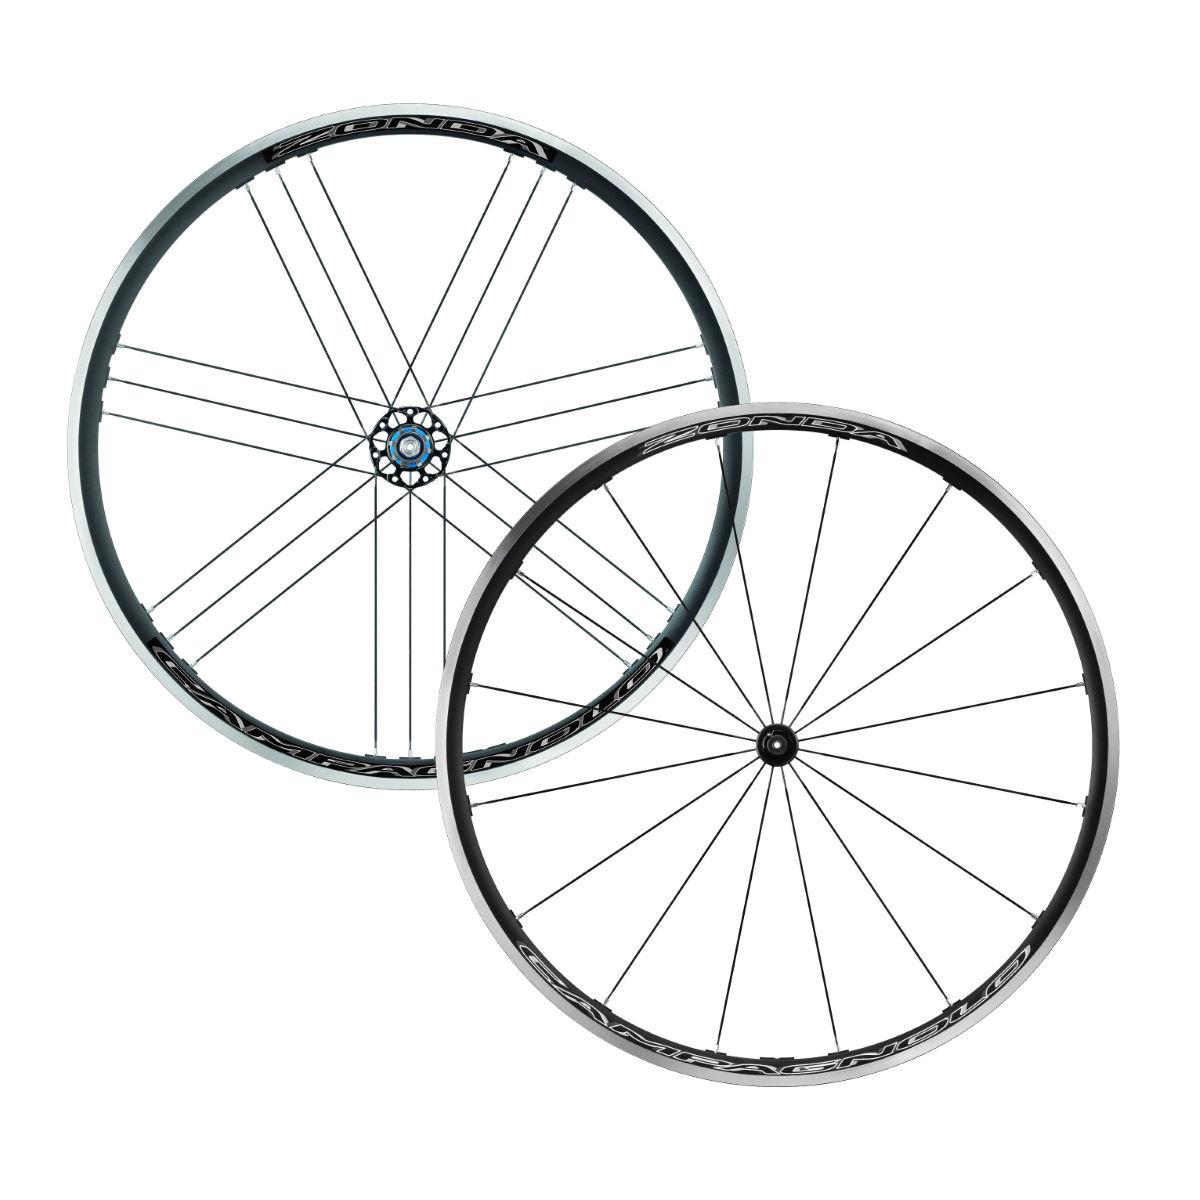 Campagnolo Zonda C17 Wheelset 700c Campagnolo Wheel Sets